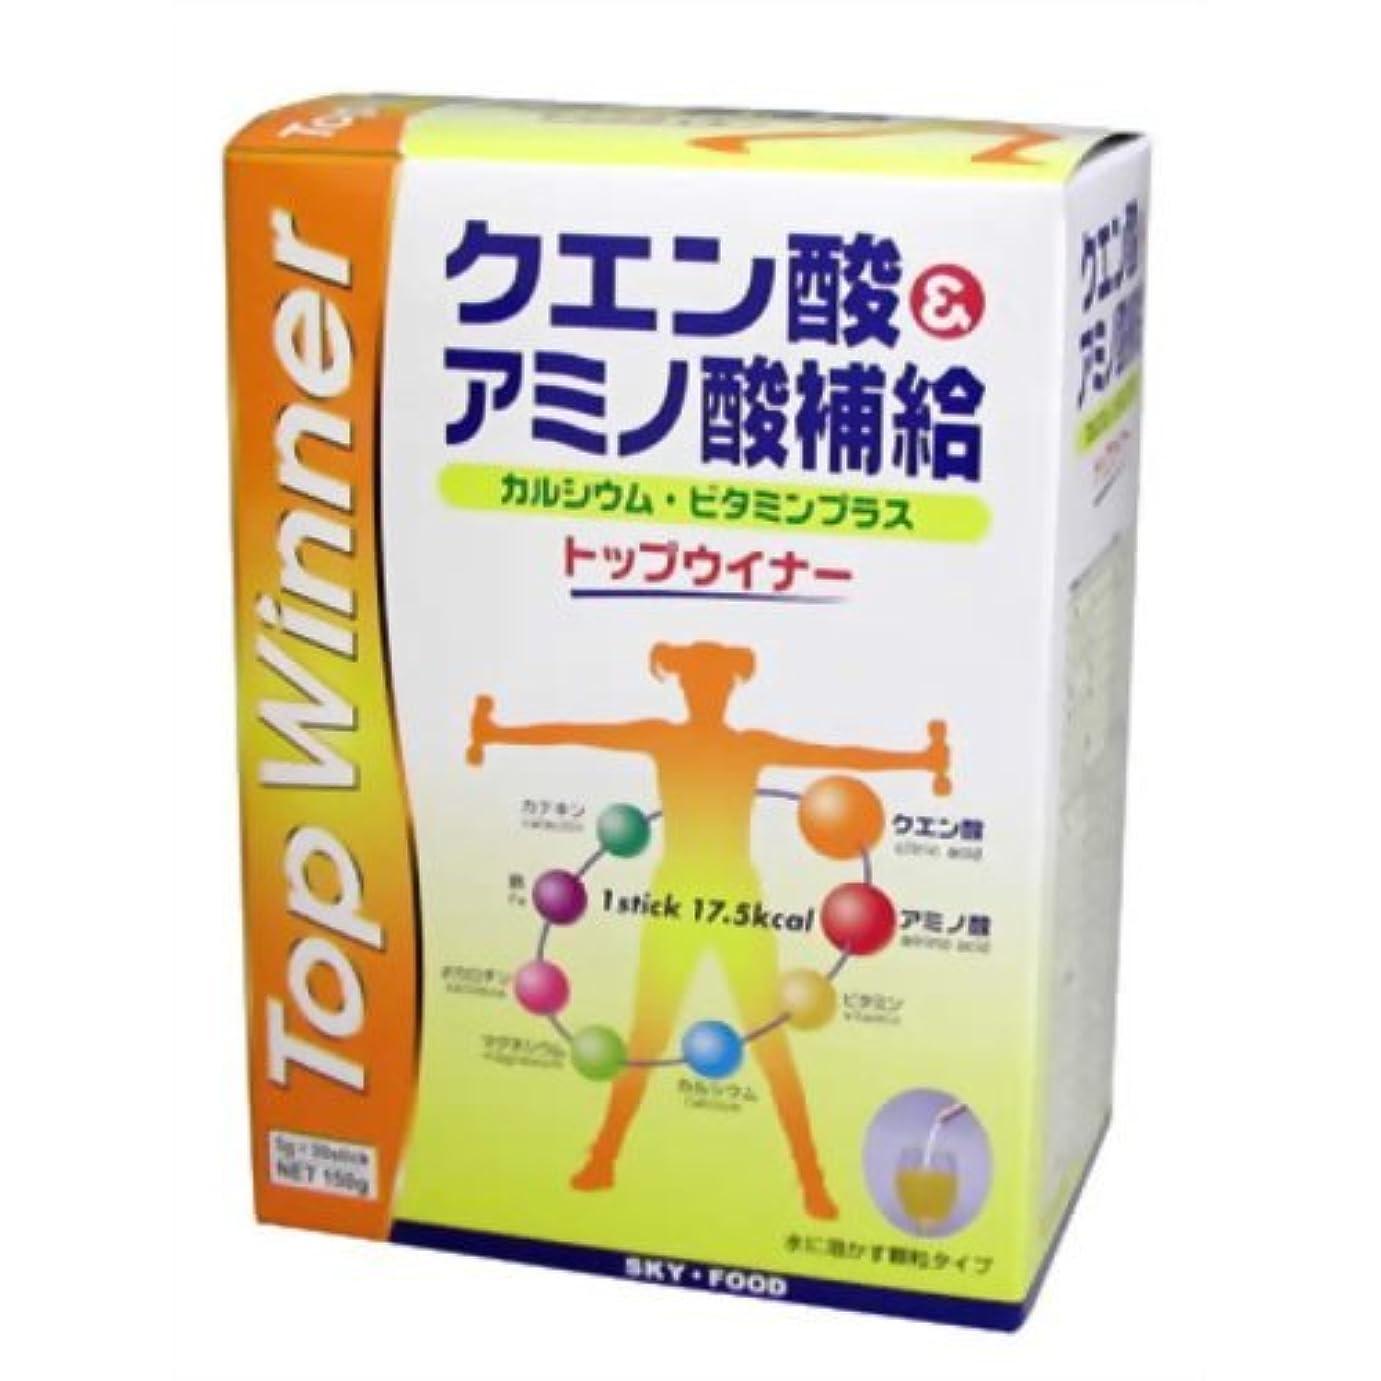 確かめる氏魂クエン酸&アミノ酸補給 トップウィナー 5g×30袋